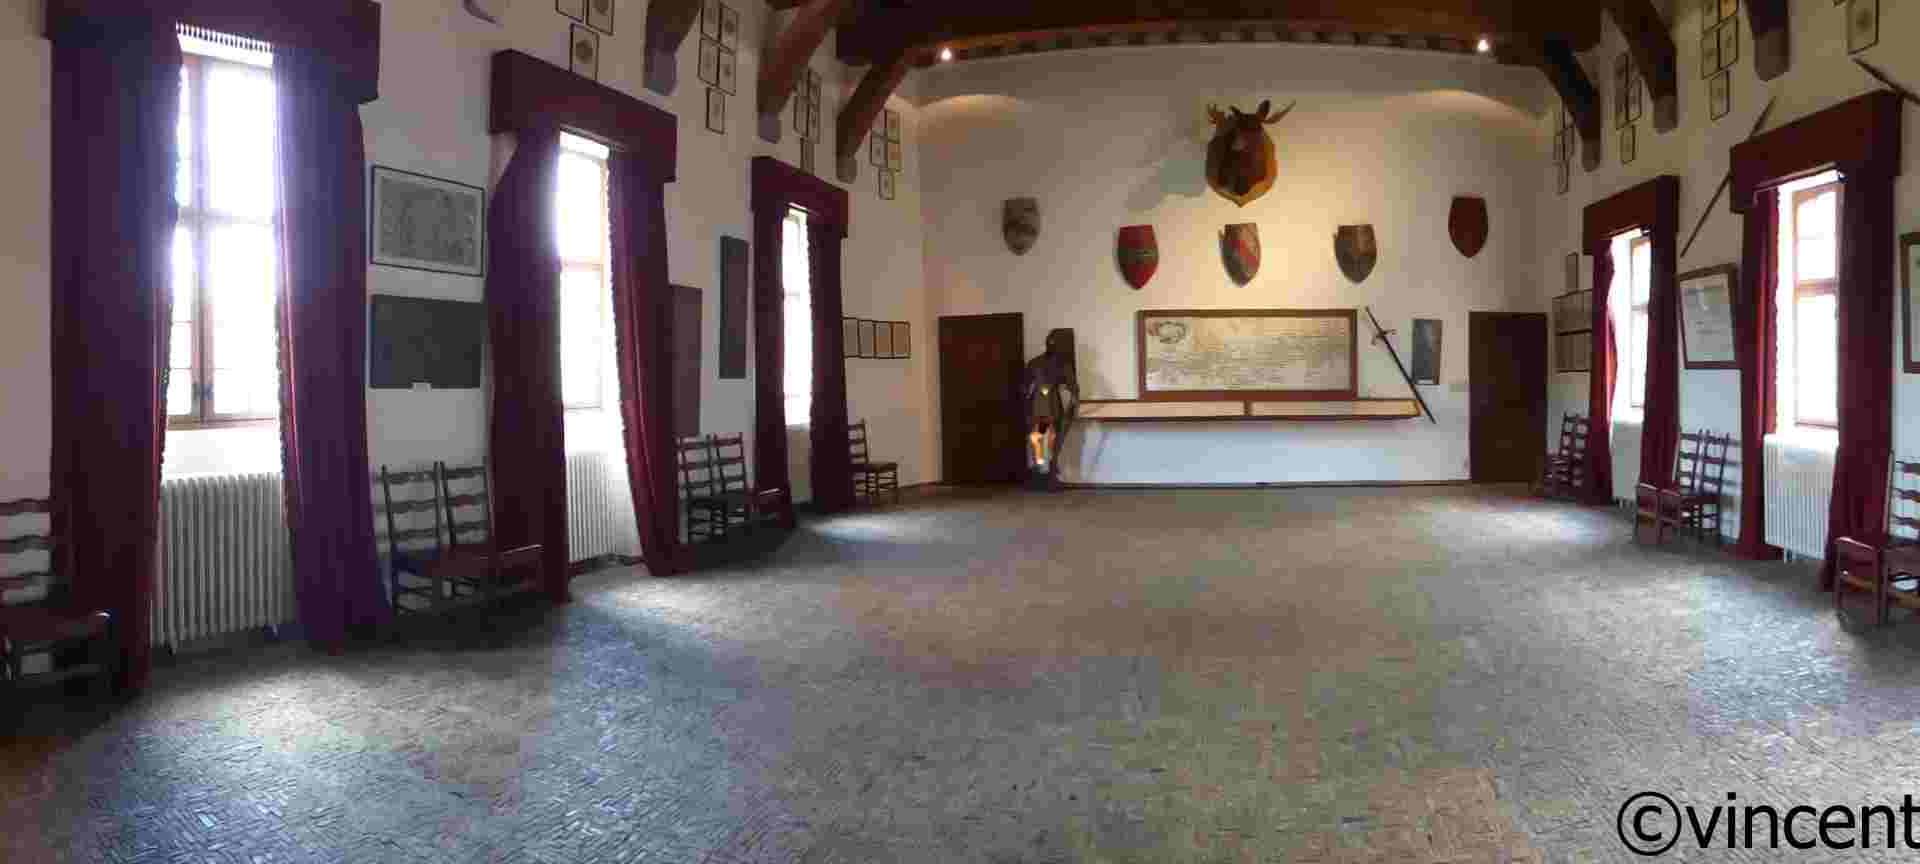 Grande salle au château de Vêves